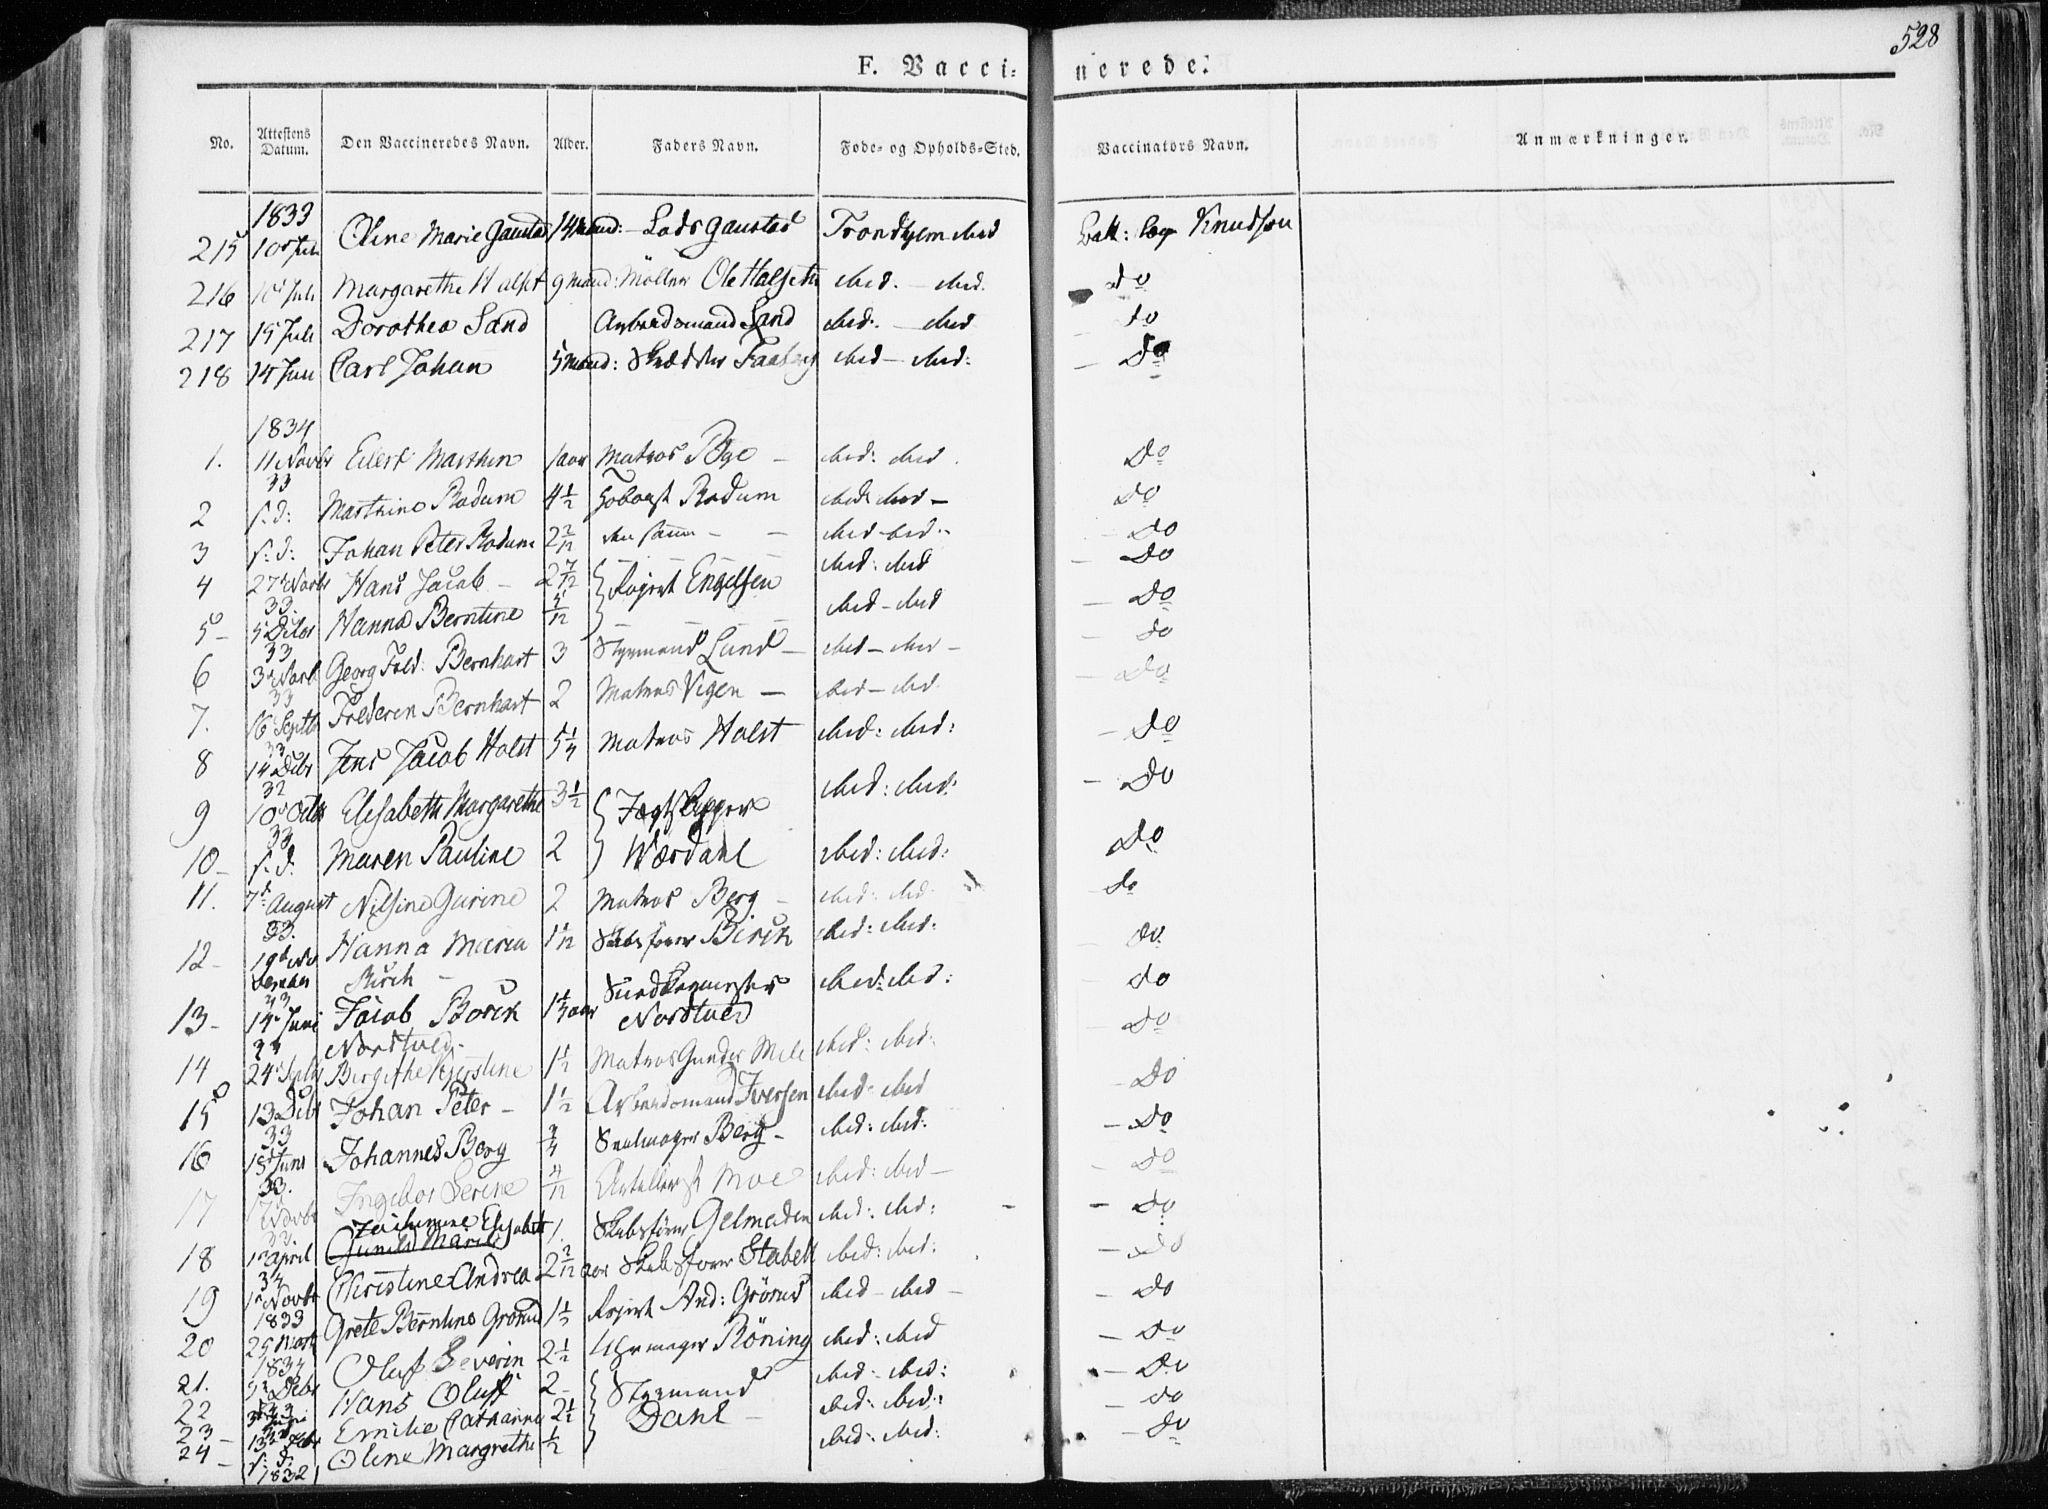 SAT, Ministerialprotokoller, klokkerbøker og fødselsregistre - Sør-Trøndelag, 601/L0047: Ministerialbok nr. 601A15, 1831-1839, s. 528